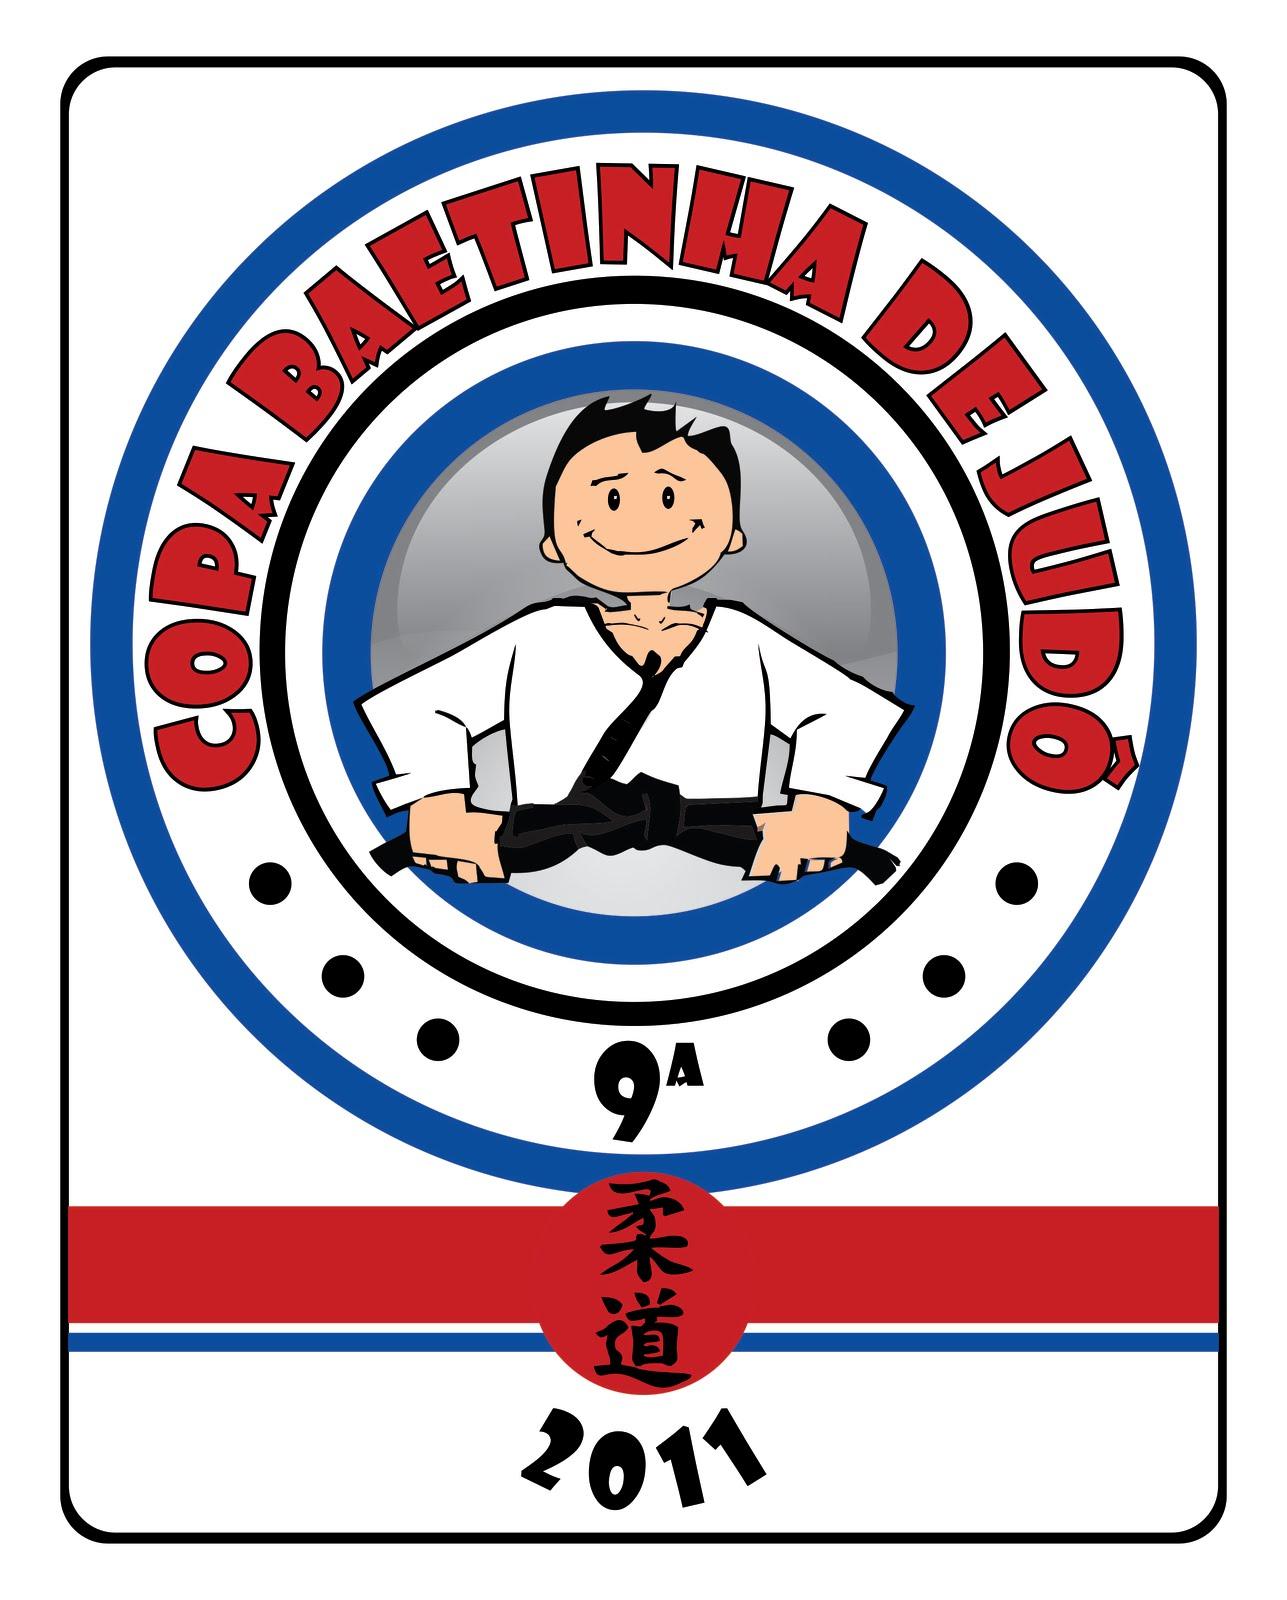 36baf8cd4 O BLOG DO JUDÔ PARAENSE  Copa Baetinha de Judô 2011